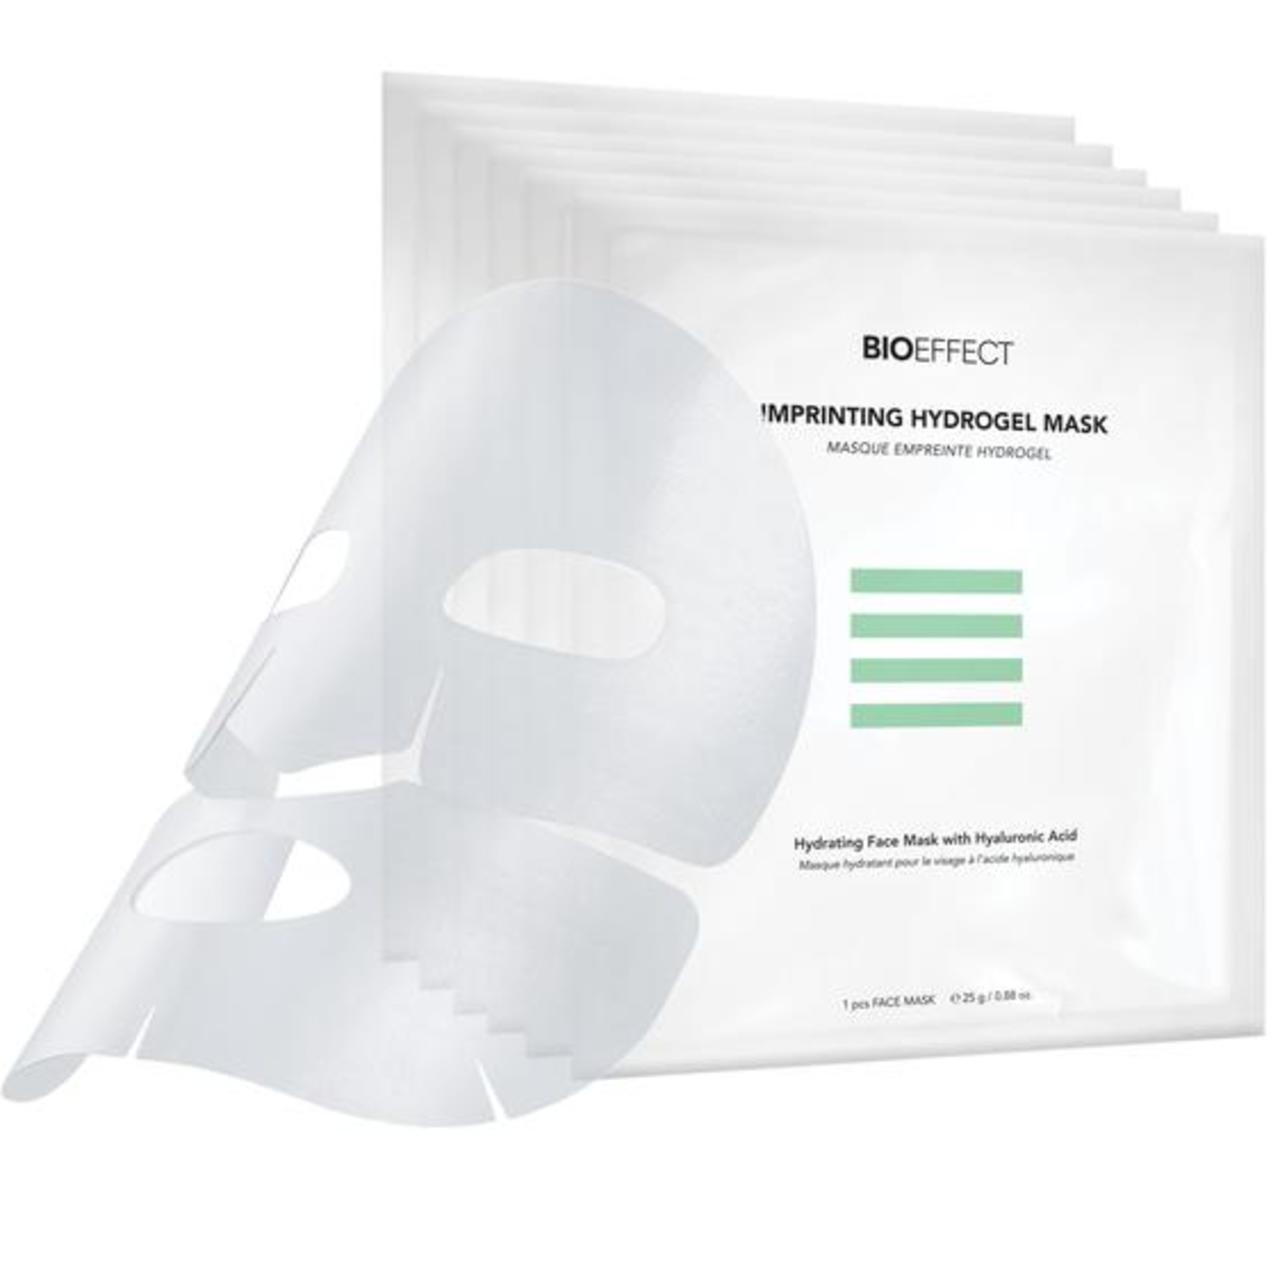 BIOEFFECT Imprinting Hydrogel Mask, 9.190 kr. (6 stykki).